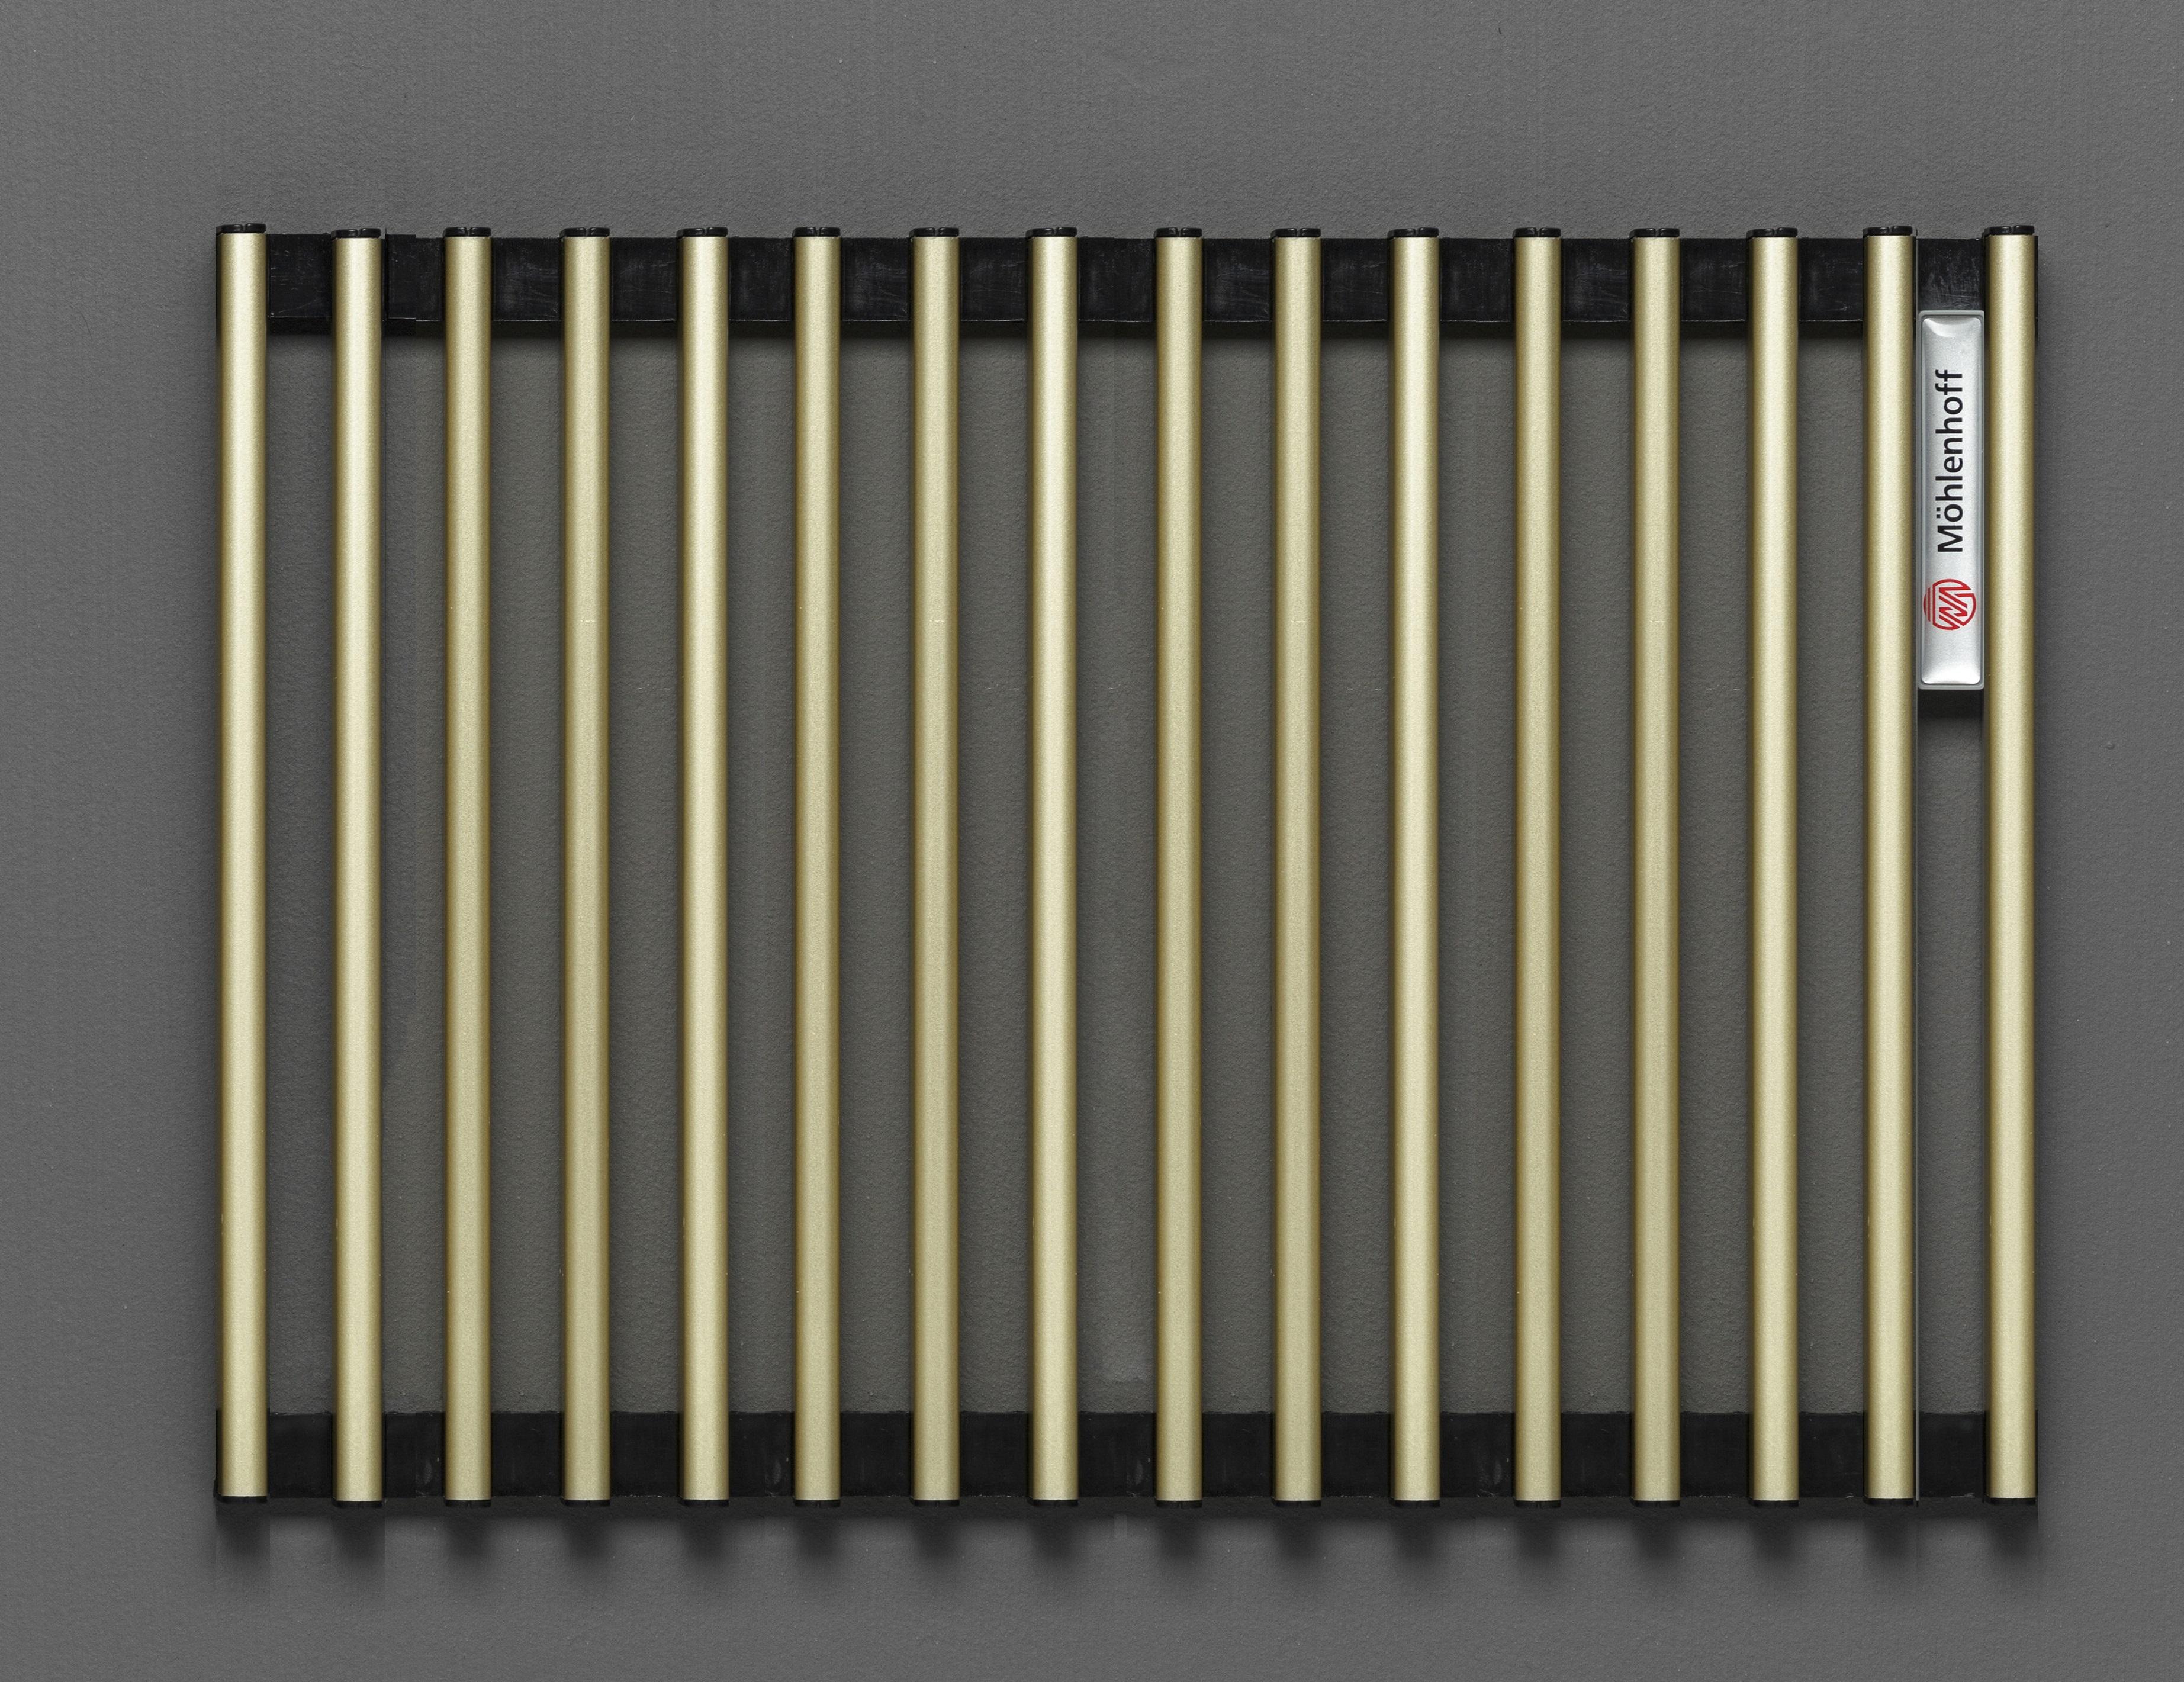 Купить Декоративная решётка Mohlenhoff светлая латунь, шириной 180 мм 1 пог. м, Россия